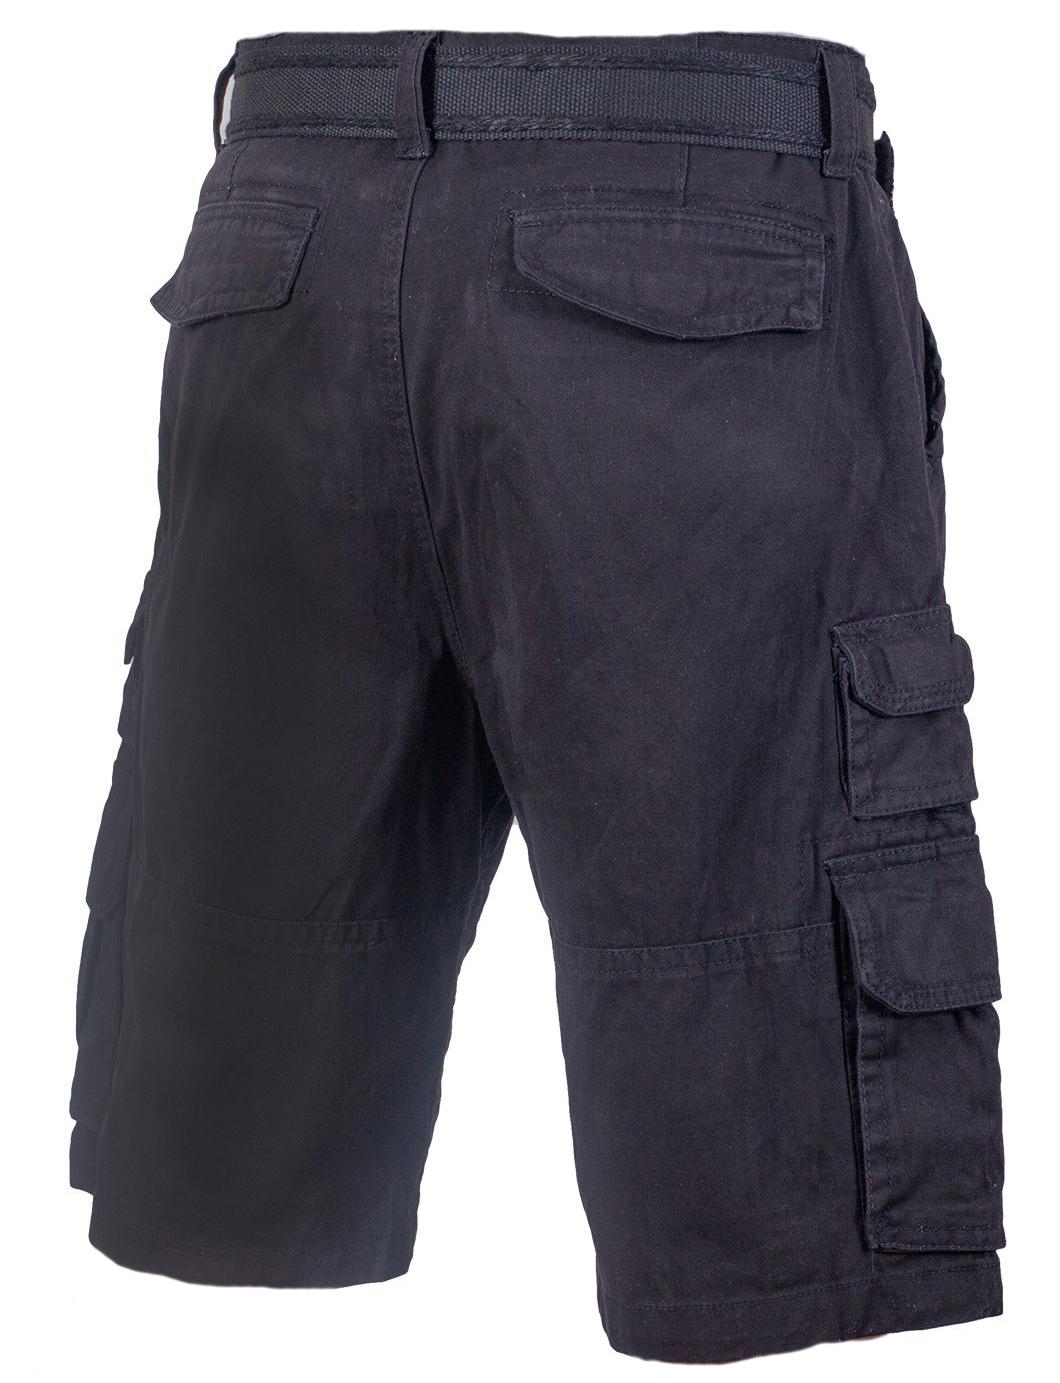 Купить тёмно-серые шорты